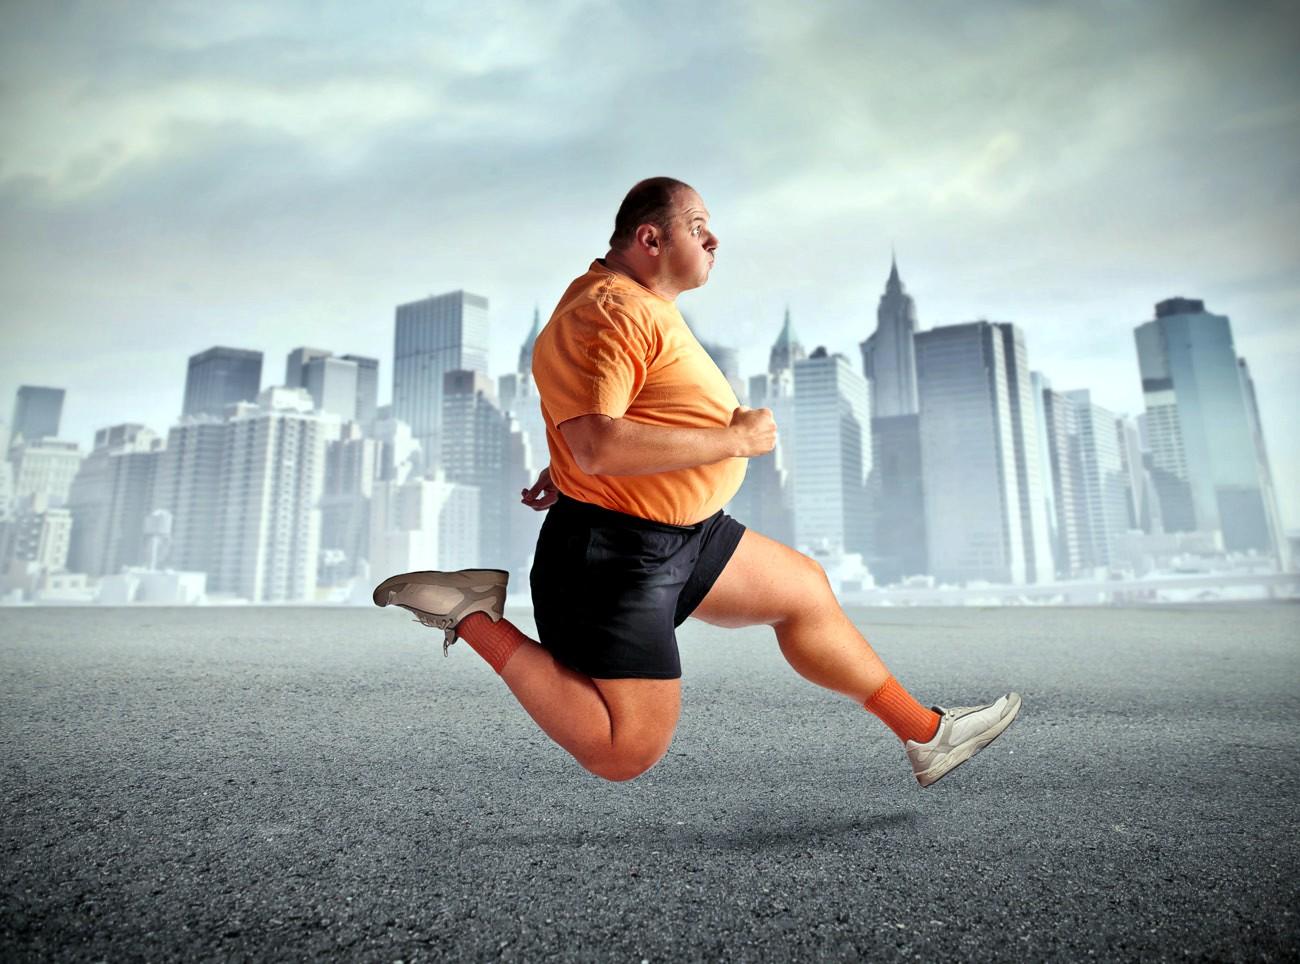 Бег — худший способ похудеть